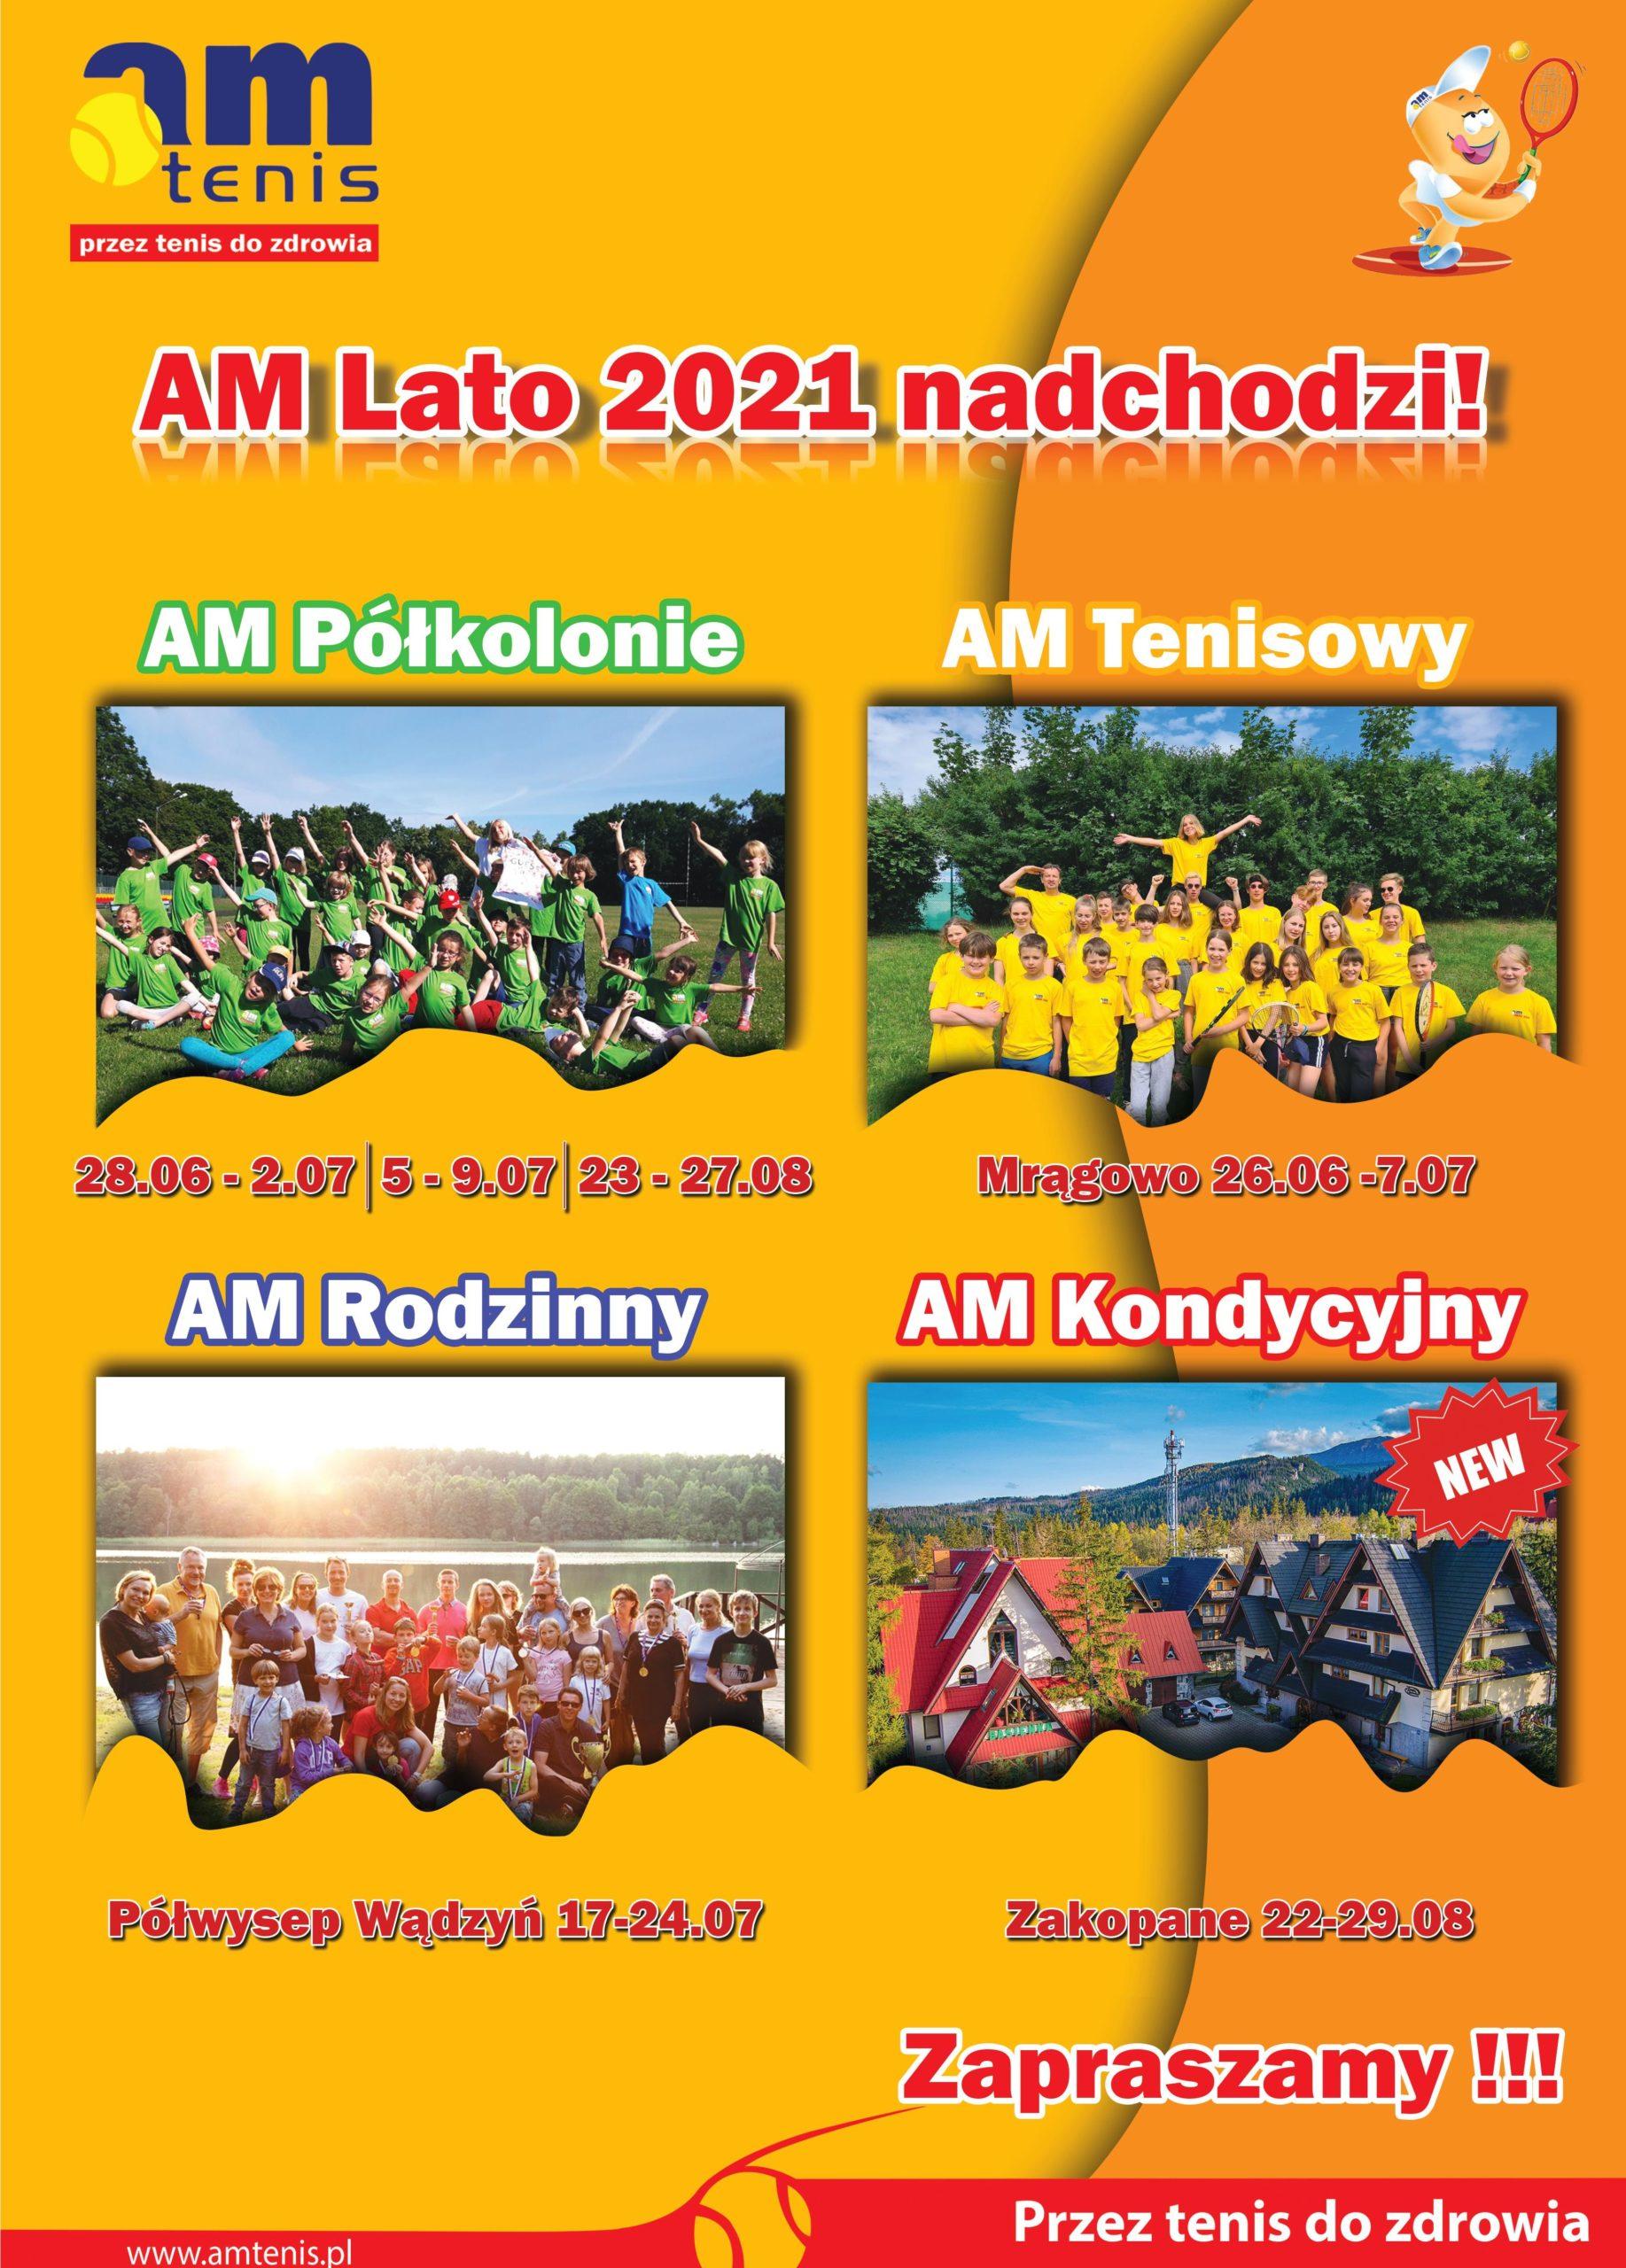 AM Lato 2021 !!!